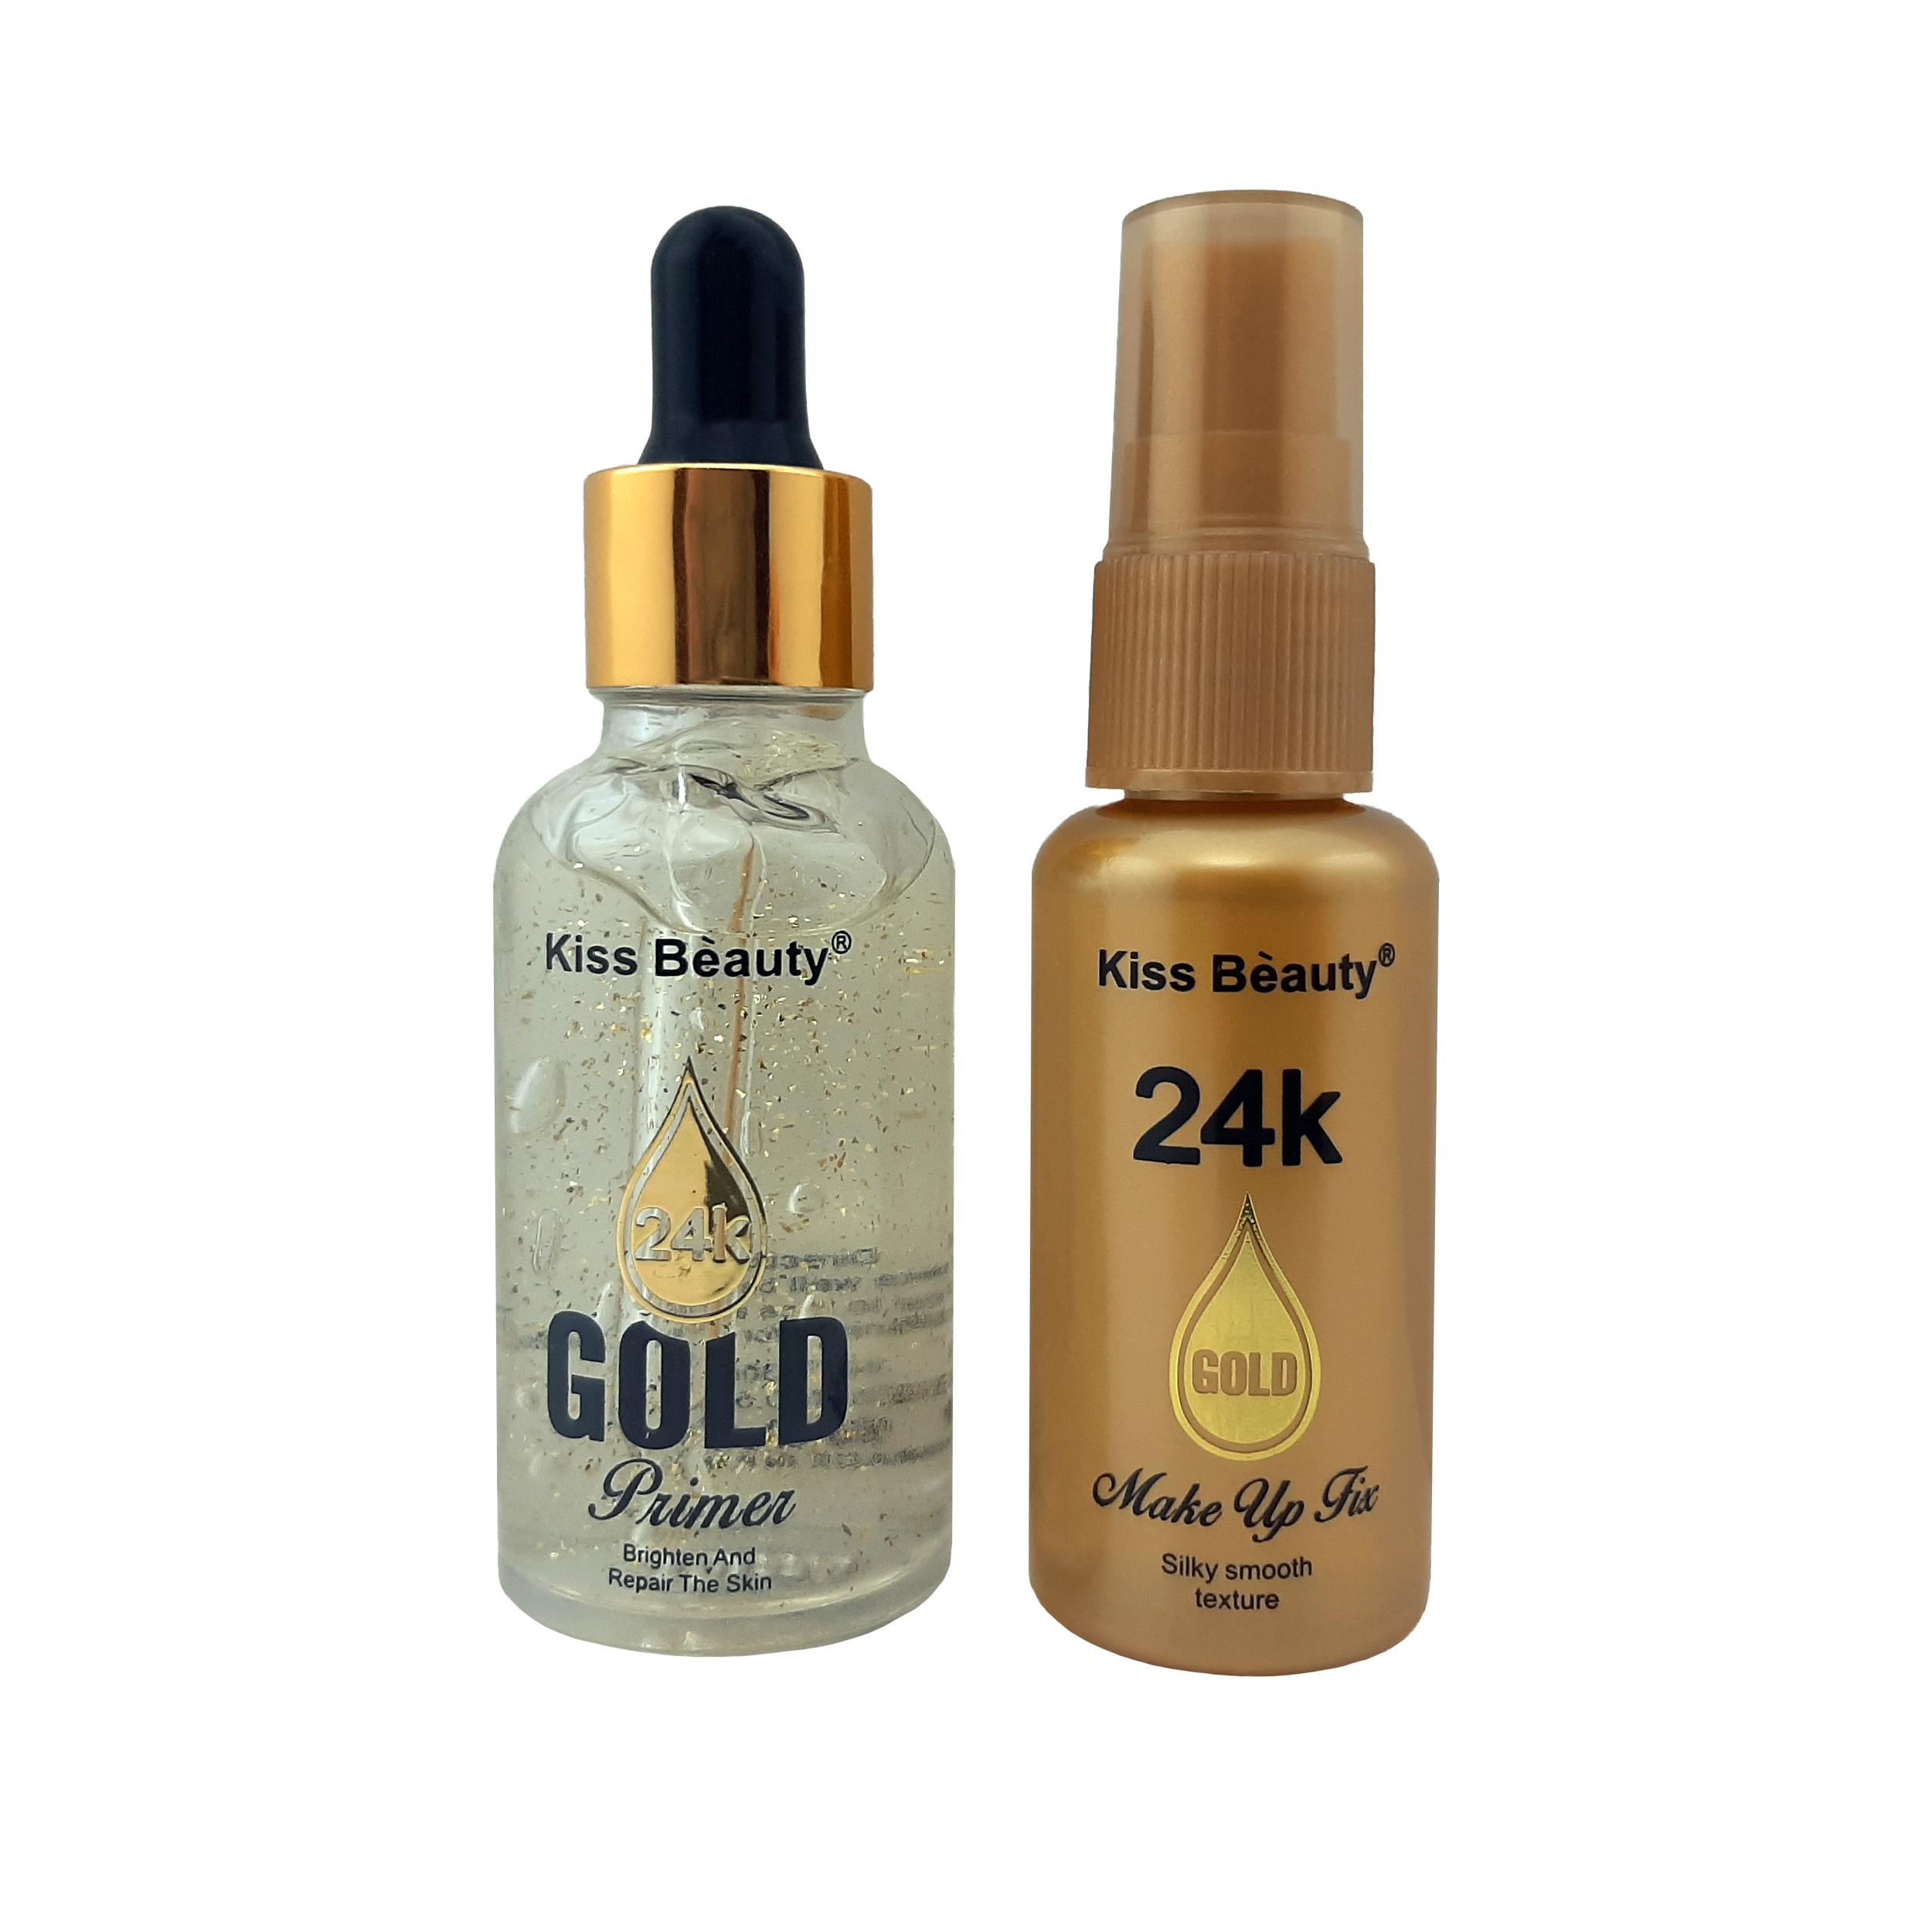 قیمت پرایمر و اسپری تثبیت کننده آرایش کیس بیوتی مدل Gold 2in1